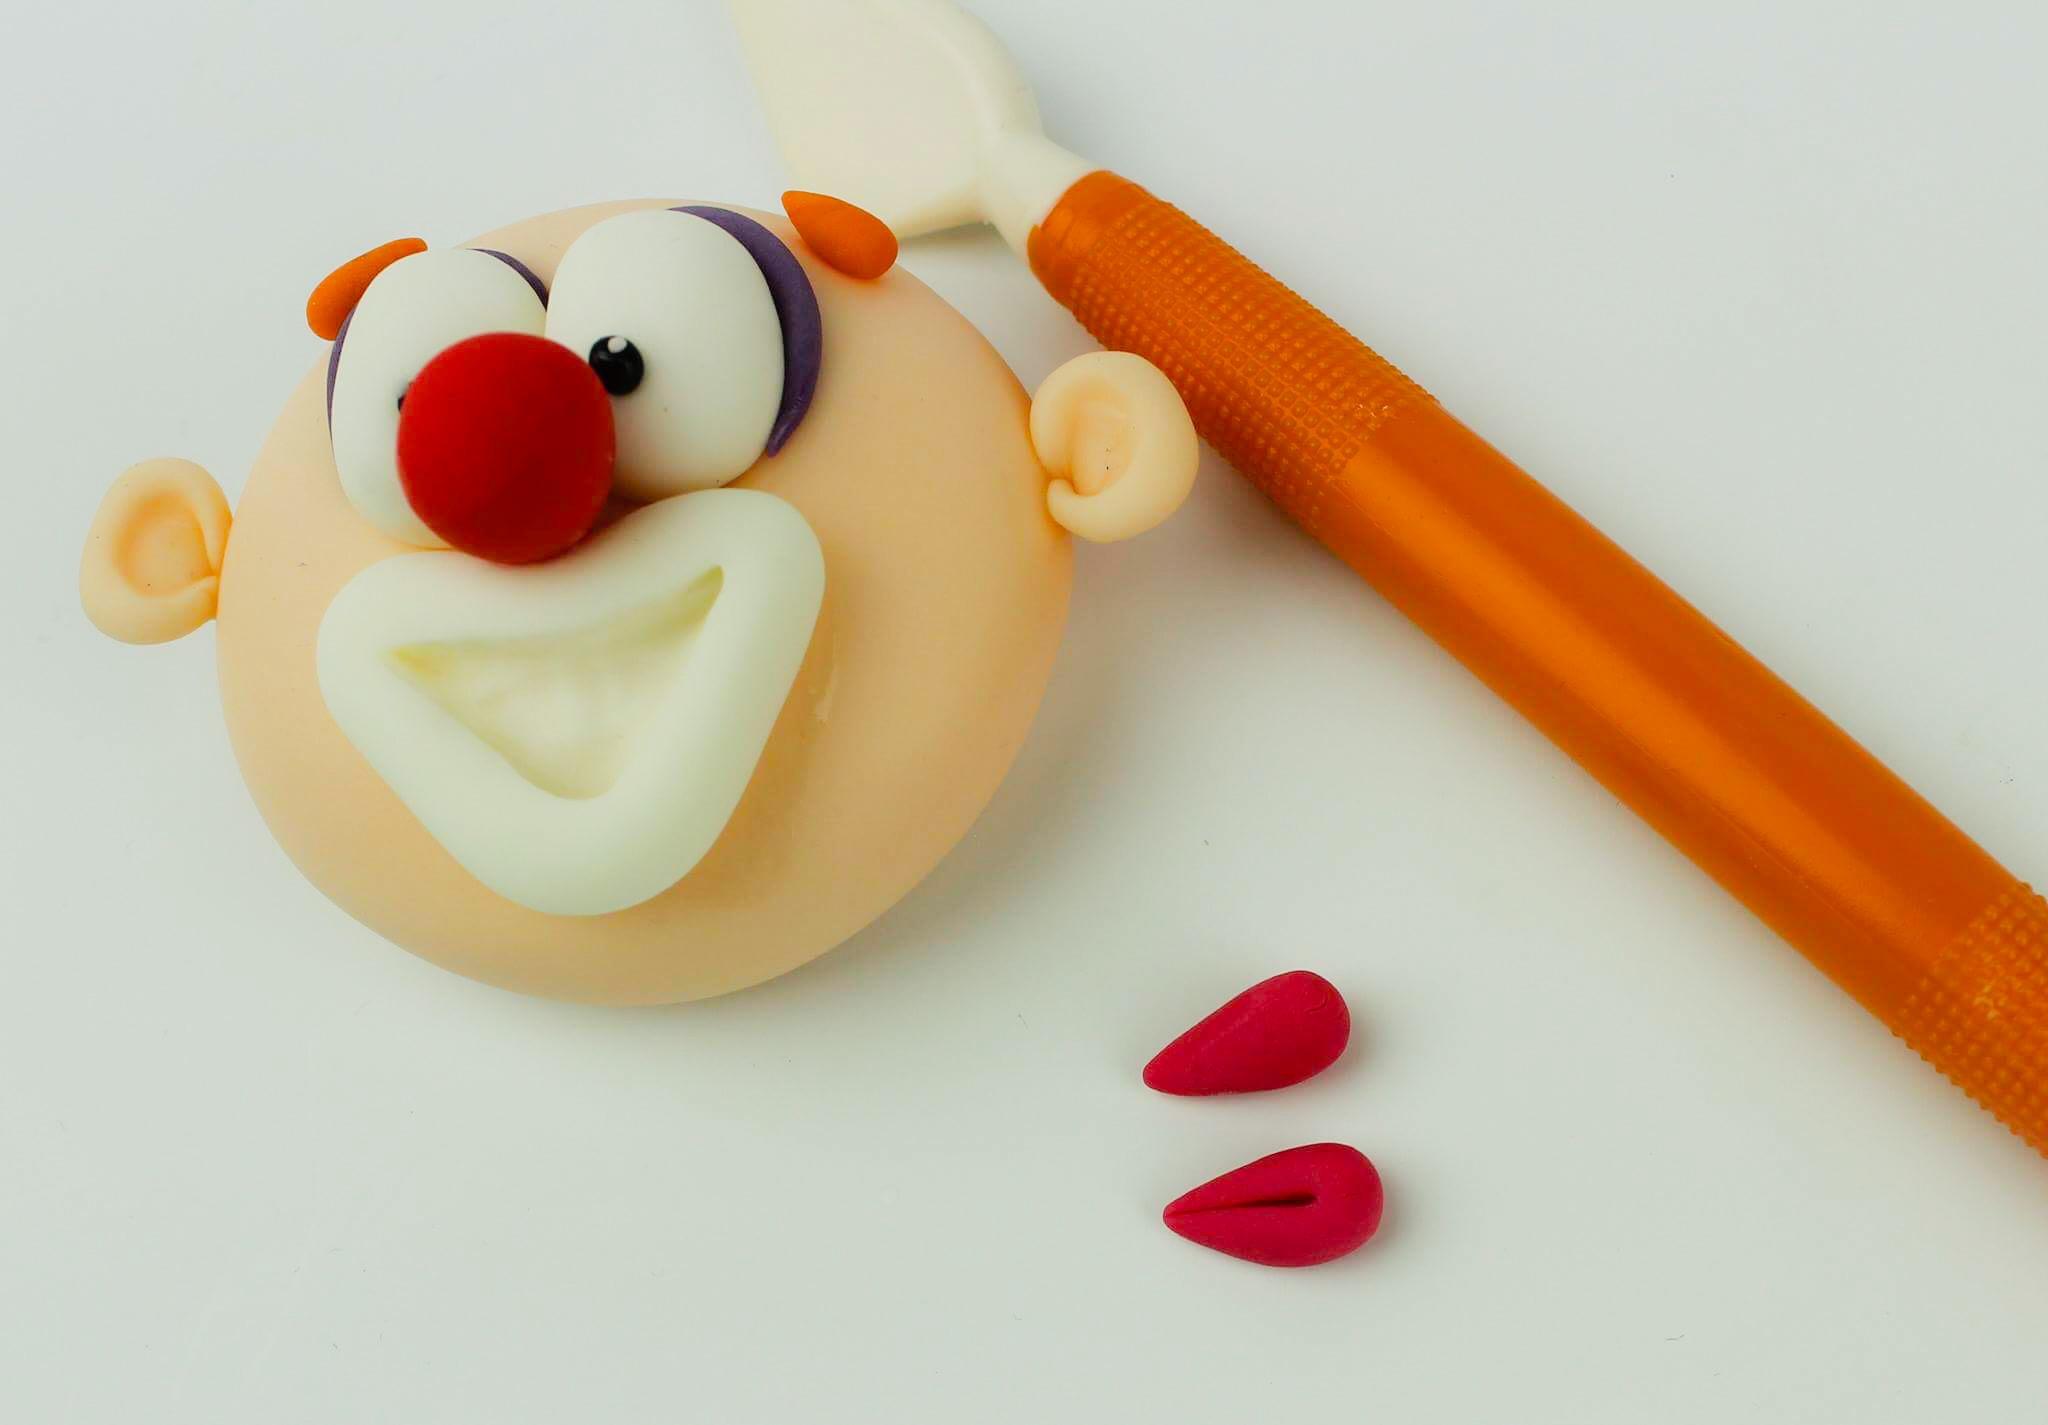 clown-10.JPG#asset:19562